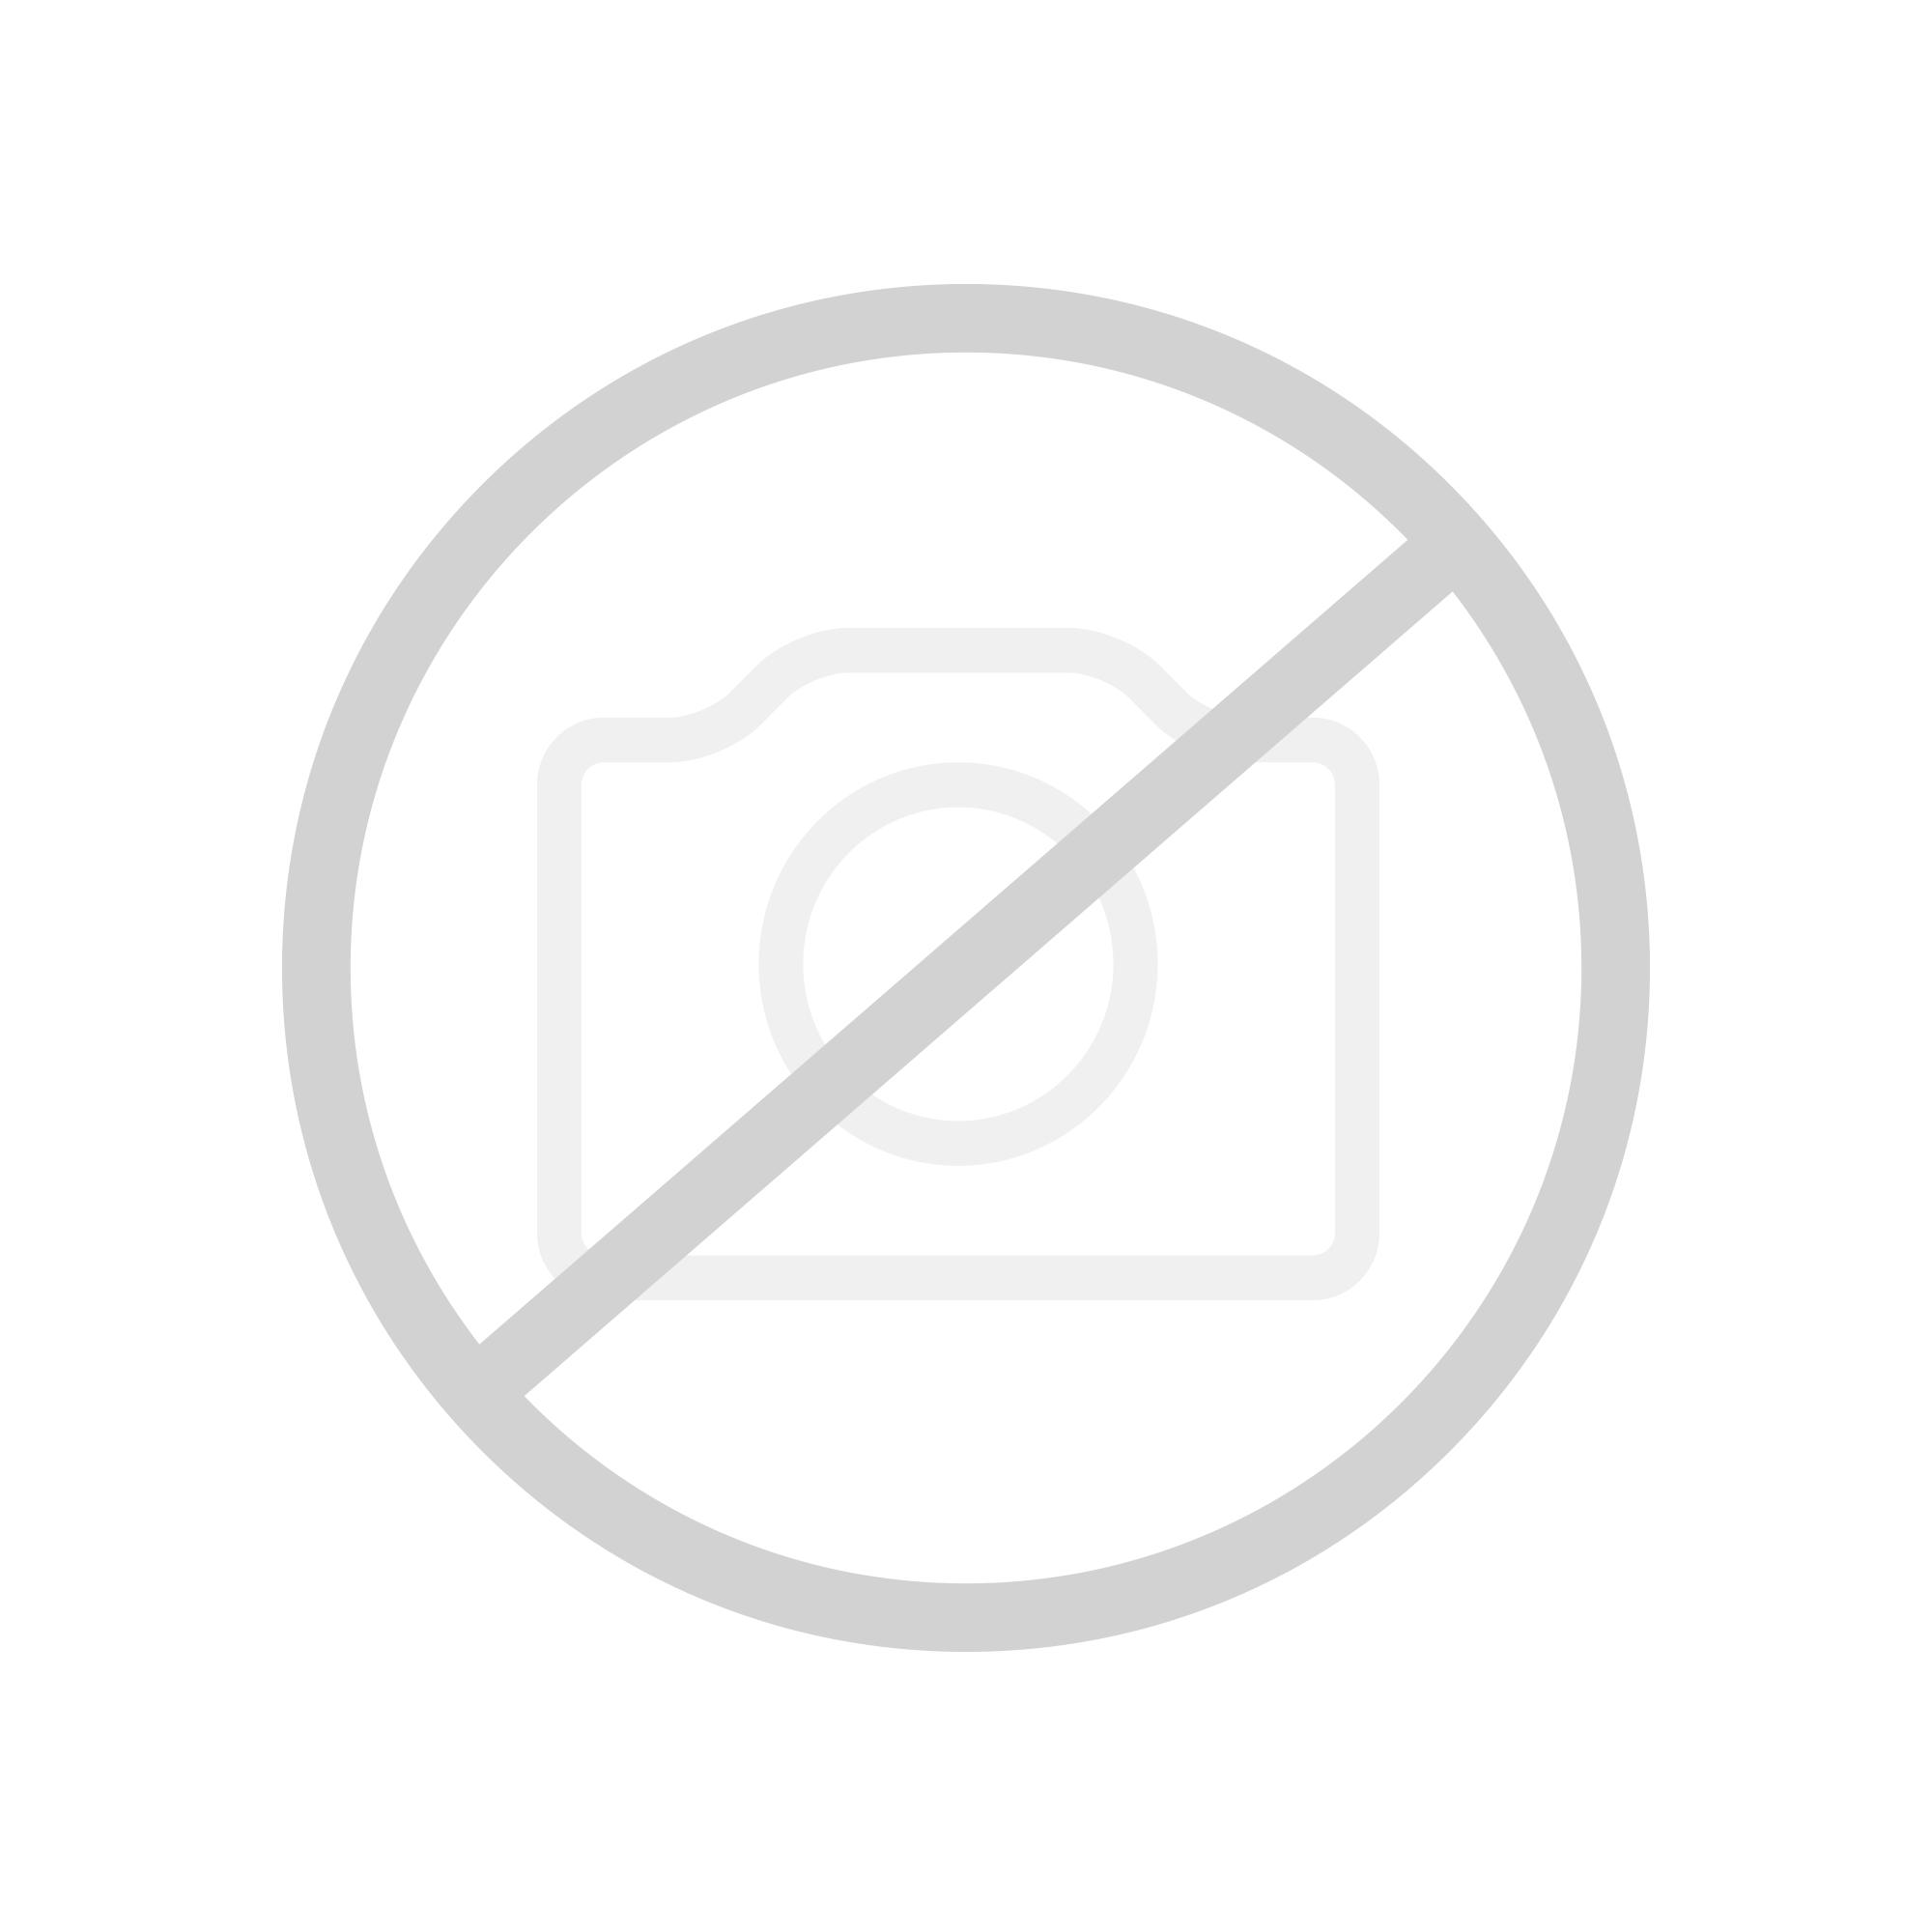 Grohe F-digital Deluxe Verlängerungskabel für Netzteil, 5 m 47868000